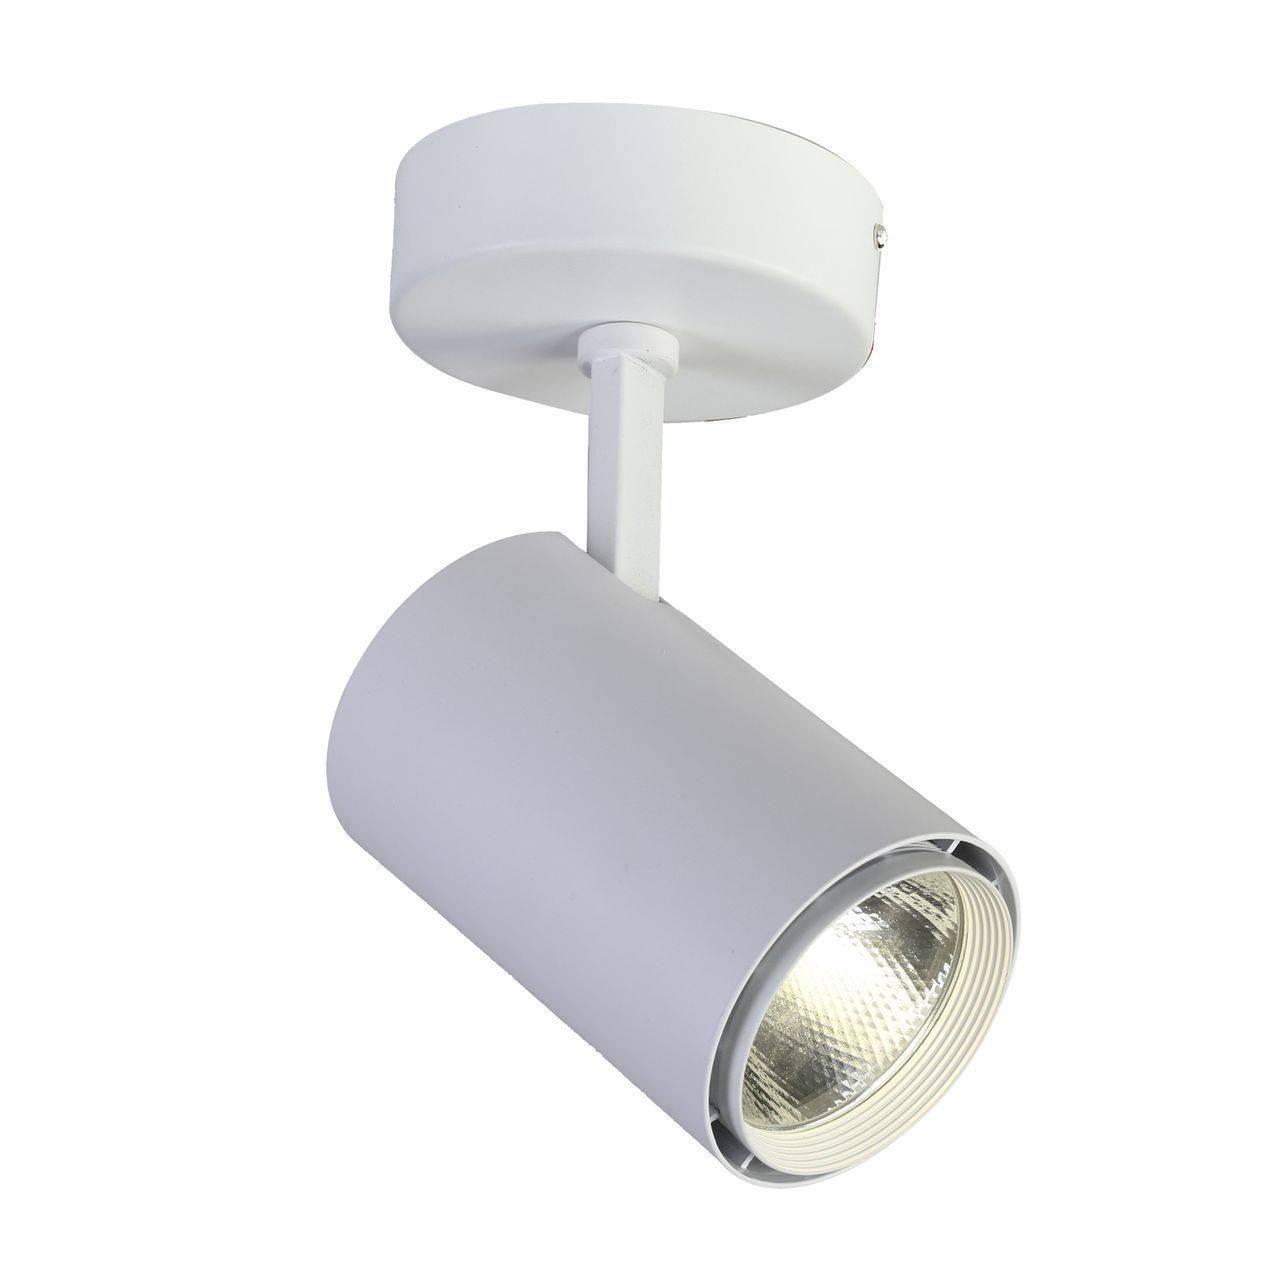 светильники споты потолочные фото было просто трусах